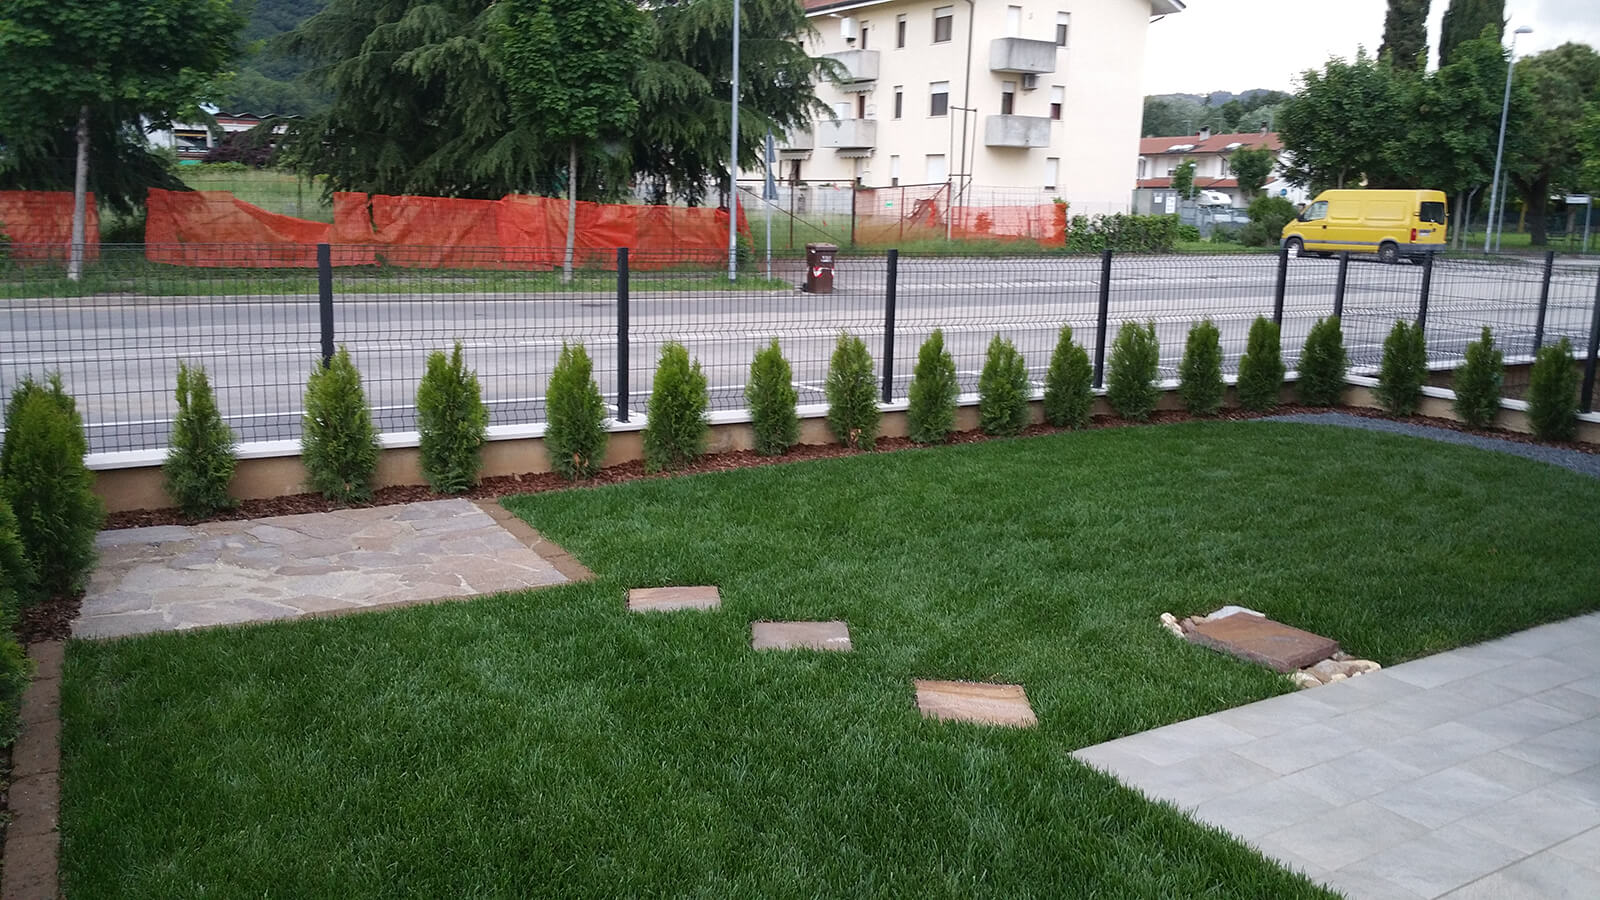 progettazione realizzazione giardini isola vicentina - verde blu giardini 2